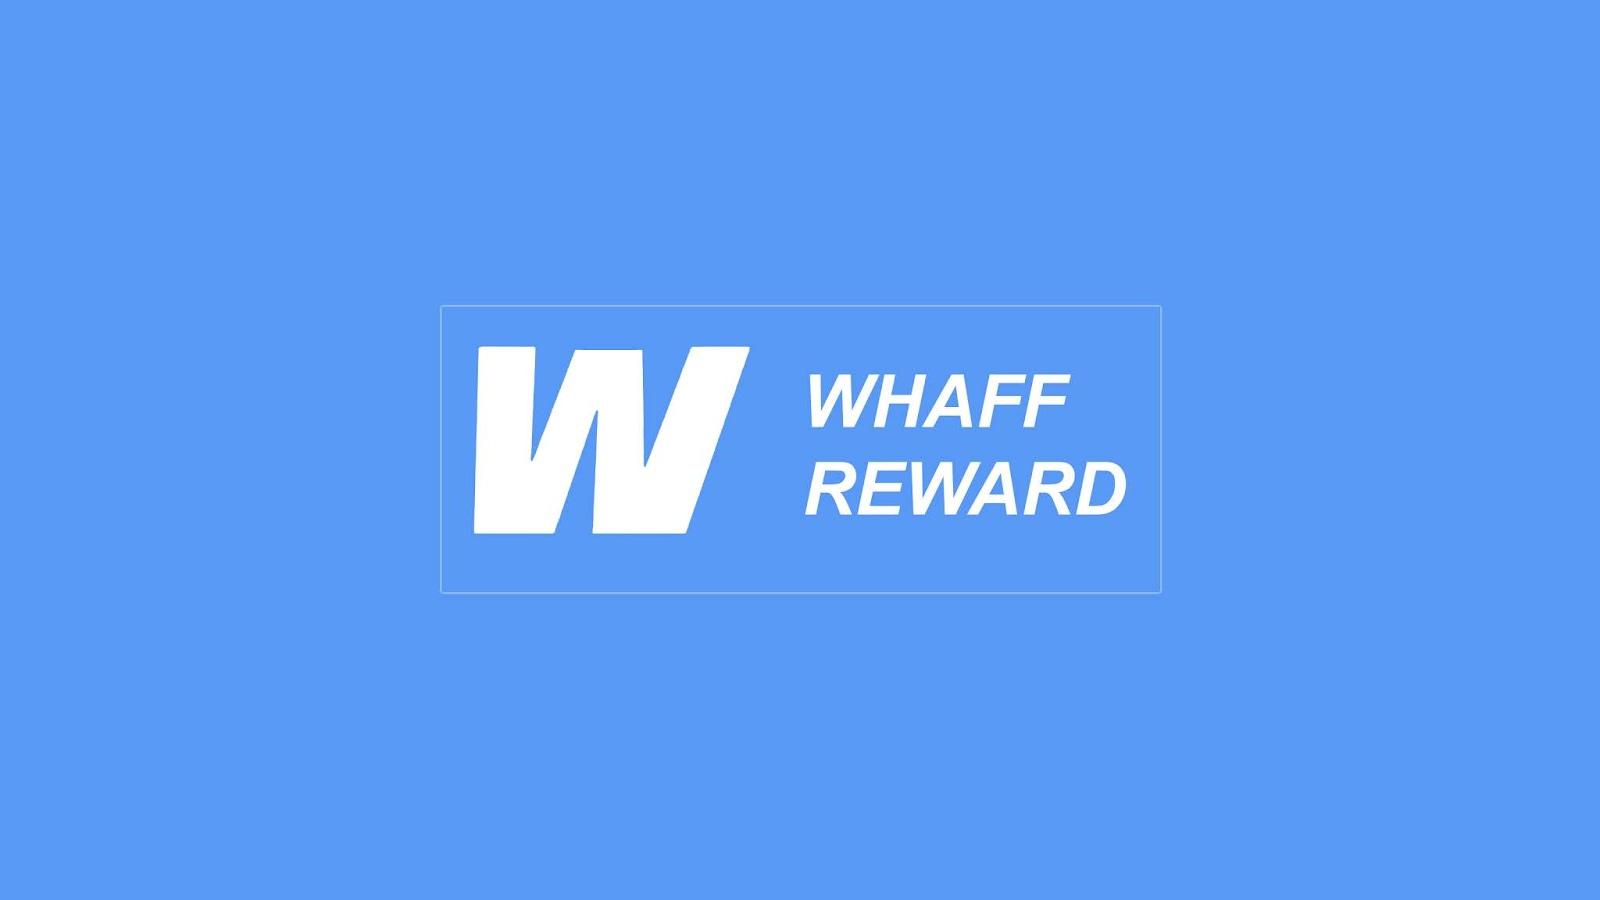 Cara Mendapatkan Pulsa Gratis Uang Dari Whaff Reward Internet Sememi